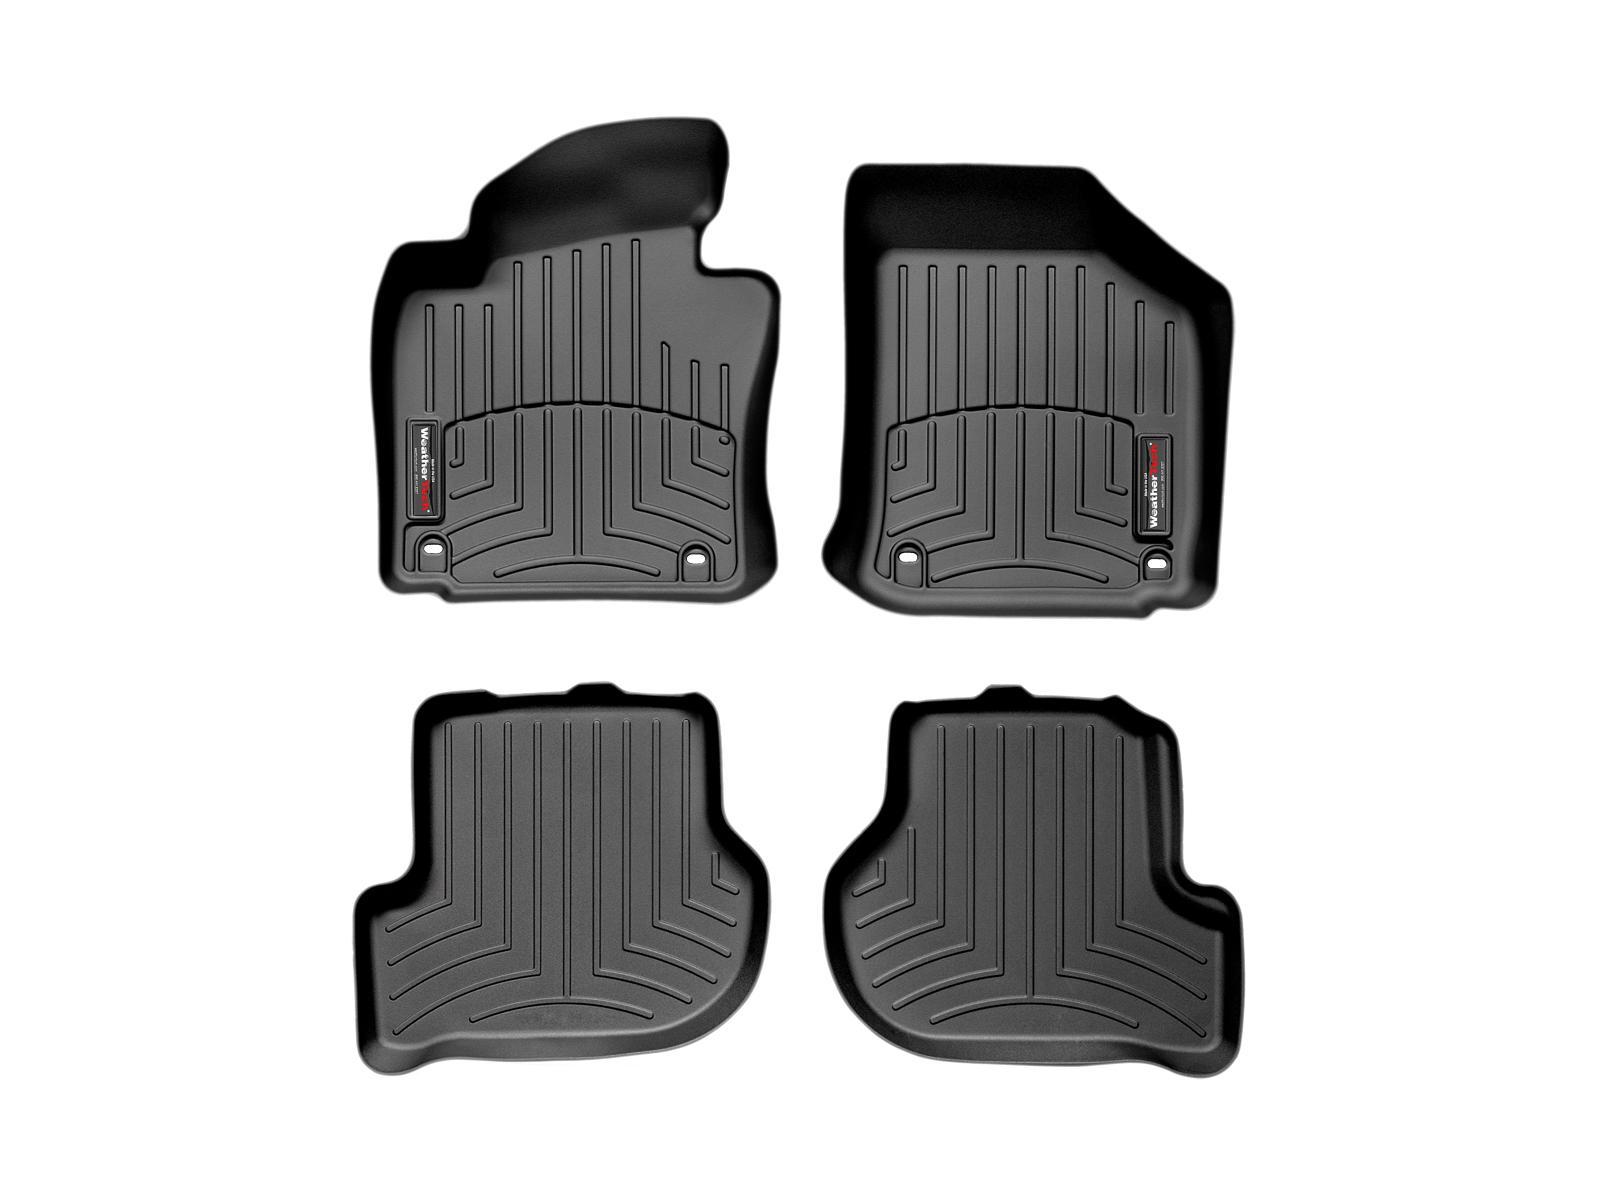 Tappeti gomma su misura bordo alto Volkswagen Golf 12>12 Nero A4055*